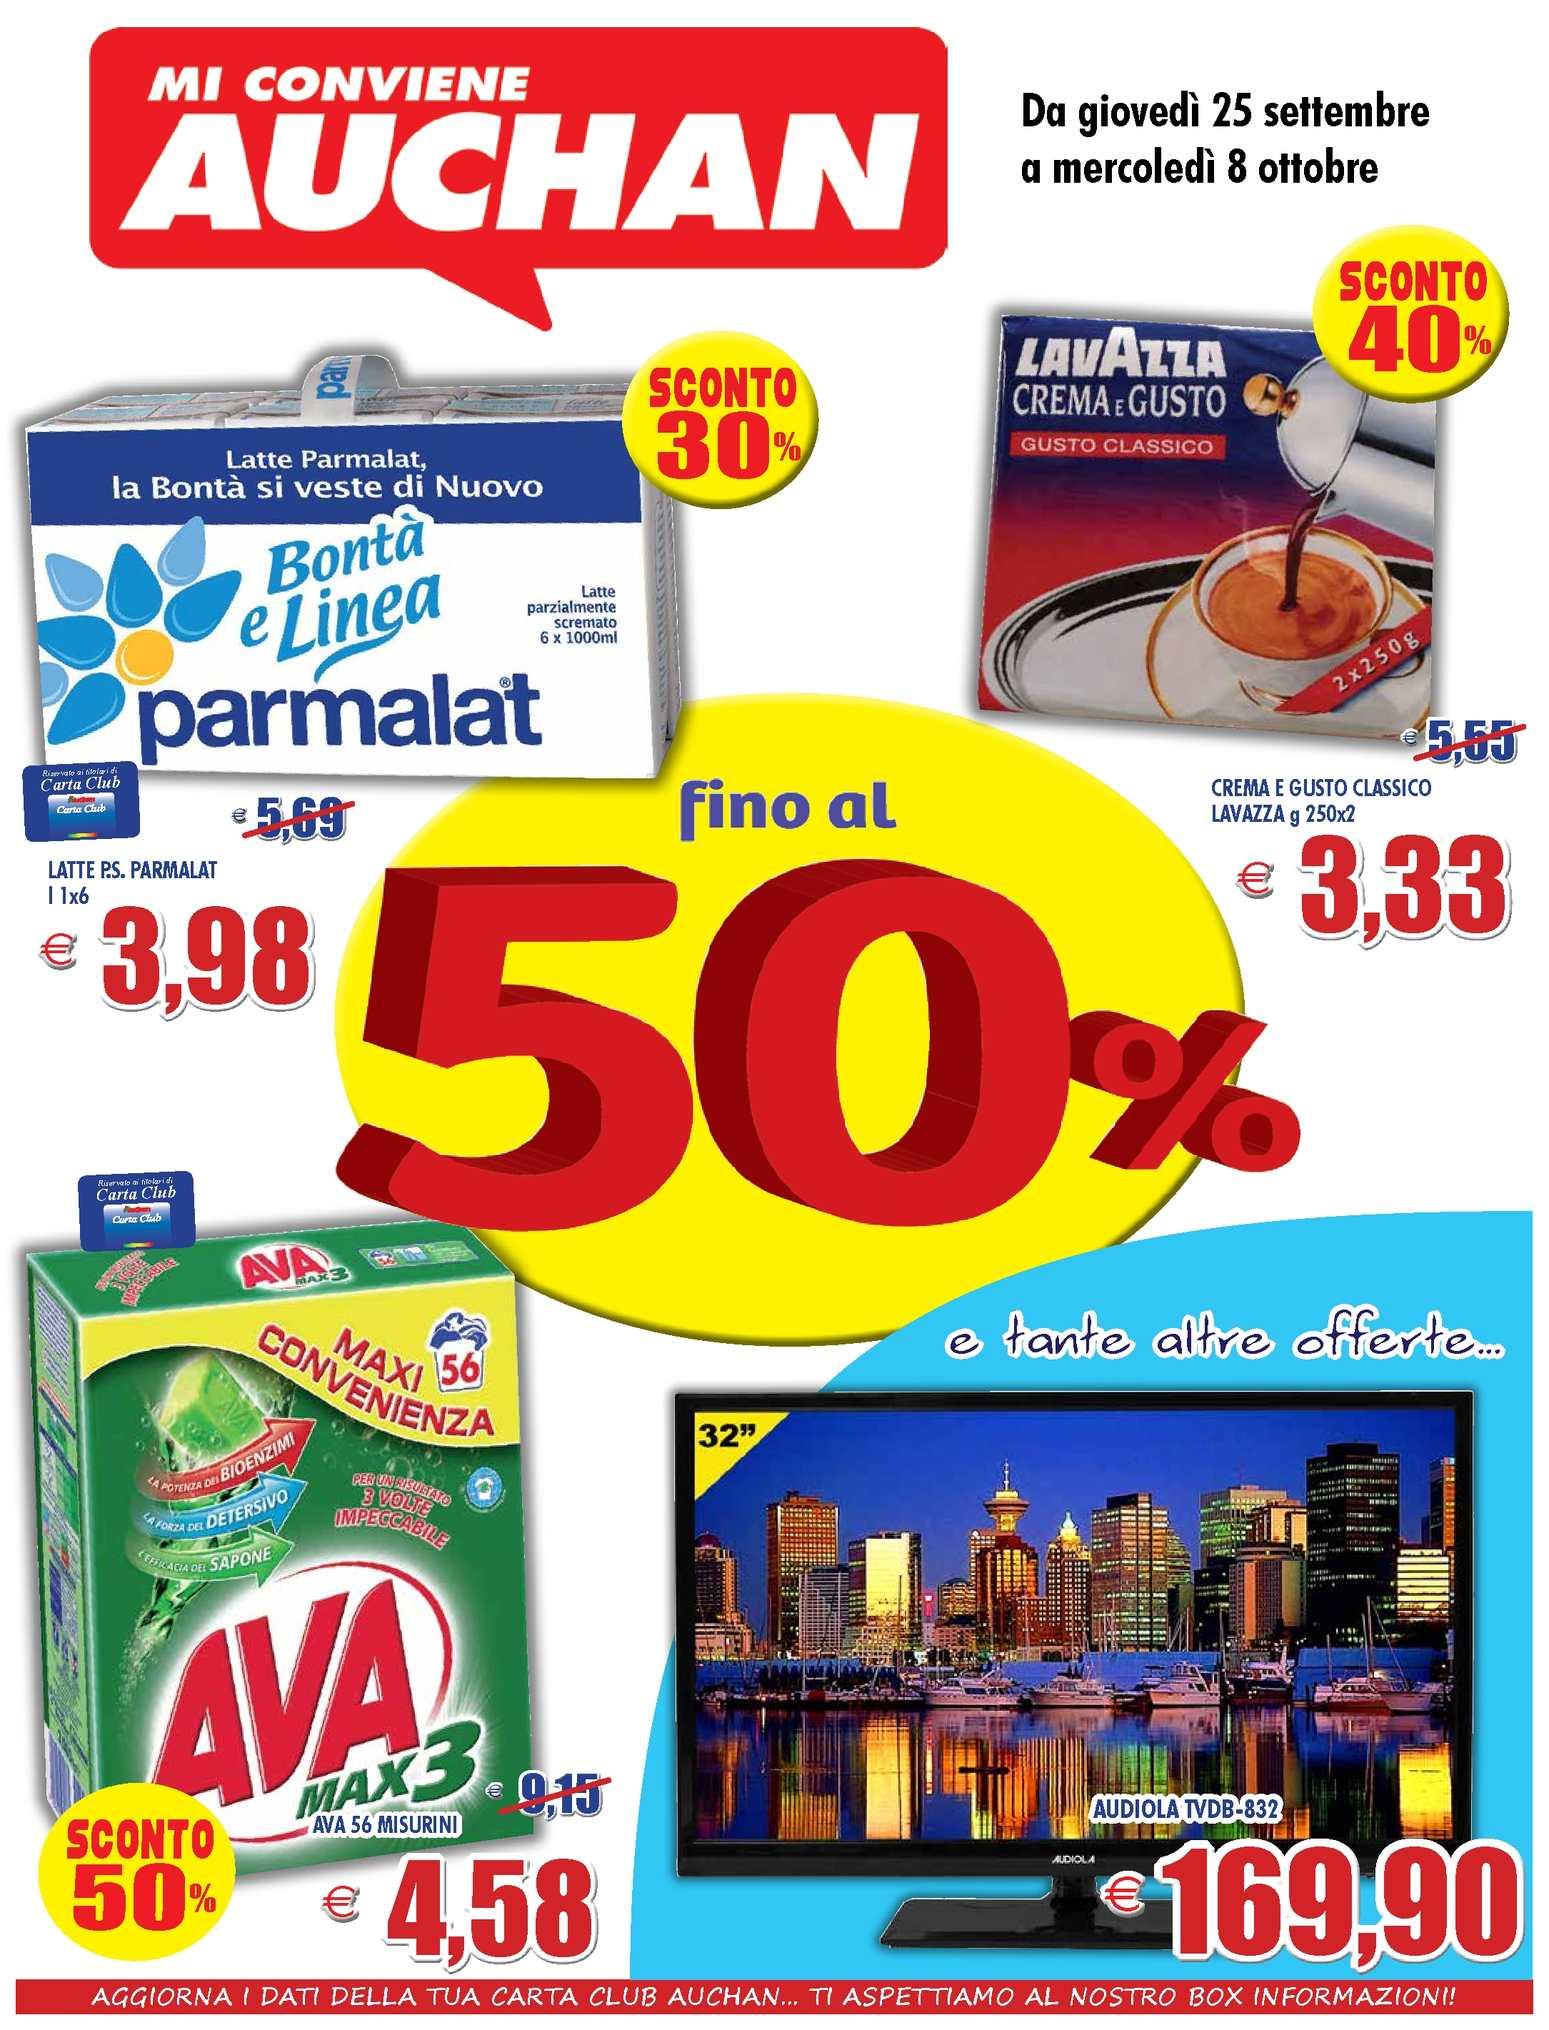 Divano Letto Auchan.Calameo Volantino Auchan Calabria 25settembre 5ottobre